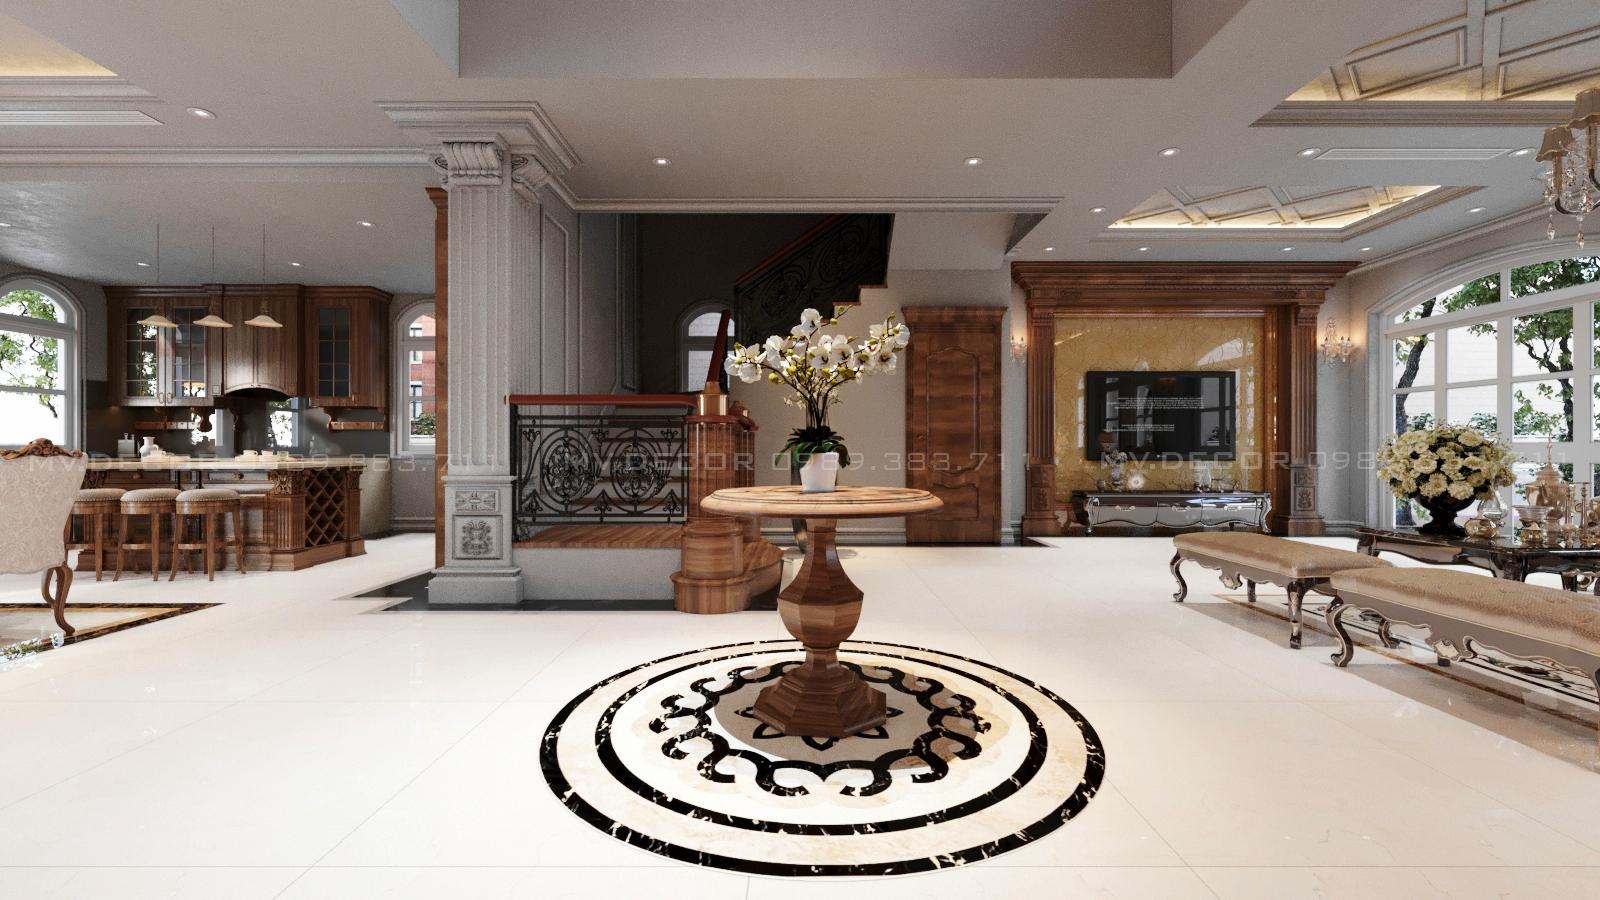 thiết kế nội thất Biệt Thự tại Hải Phòng BT VINHOME HẢI PHÒNG 3 1562719448